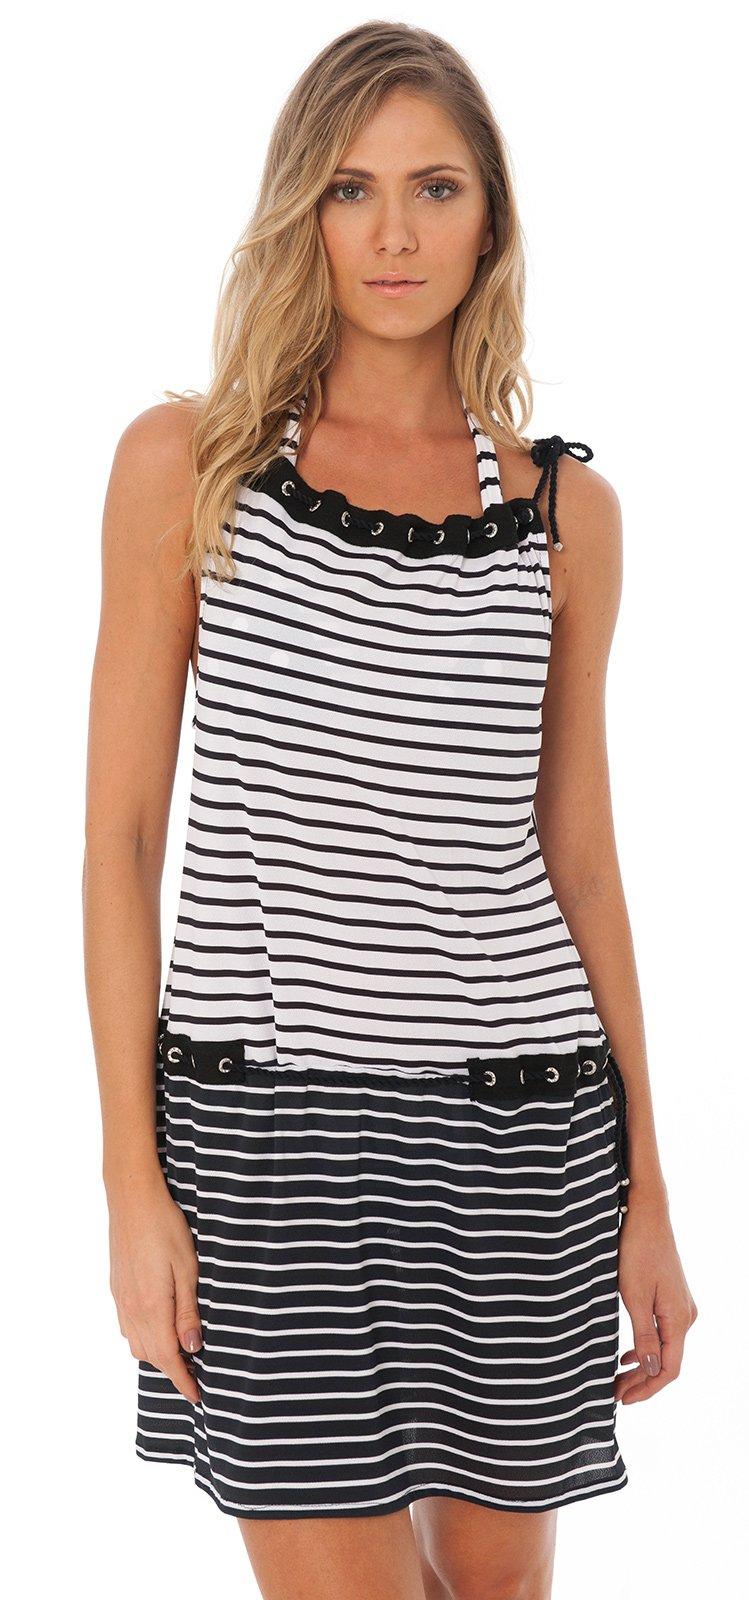 5e98bad322 Black and white beach dress with rhinestone eyelets - EYELET TUNIC BLACK  GEOMETRIC ...